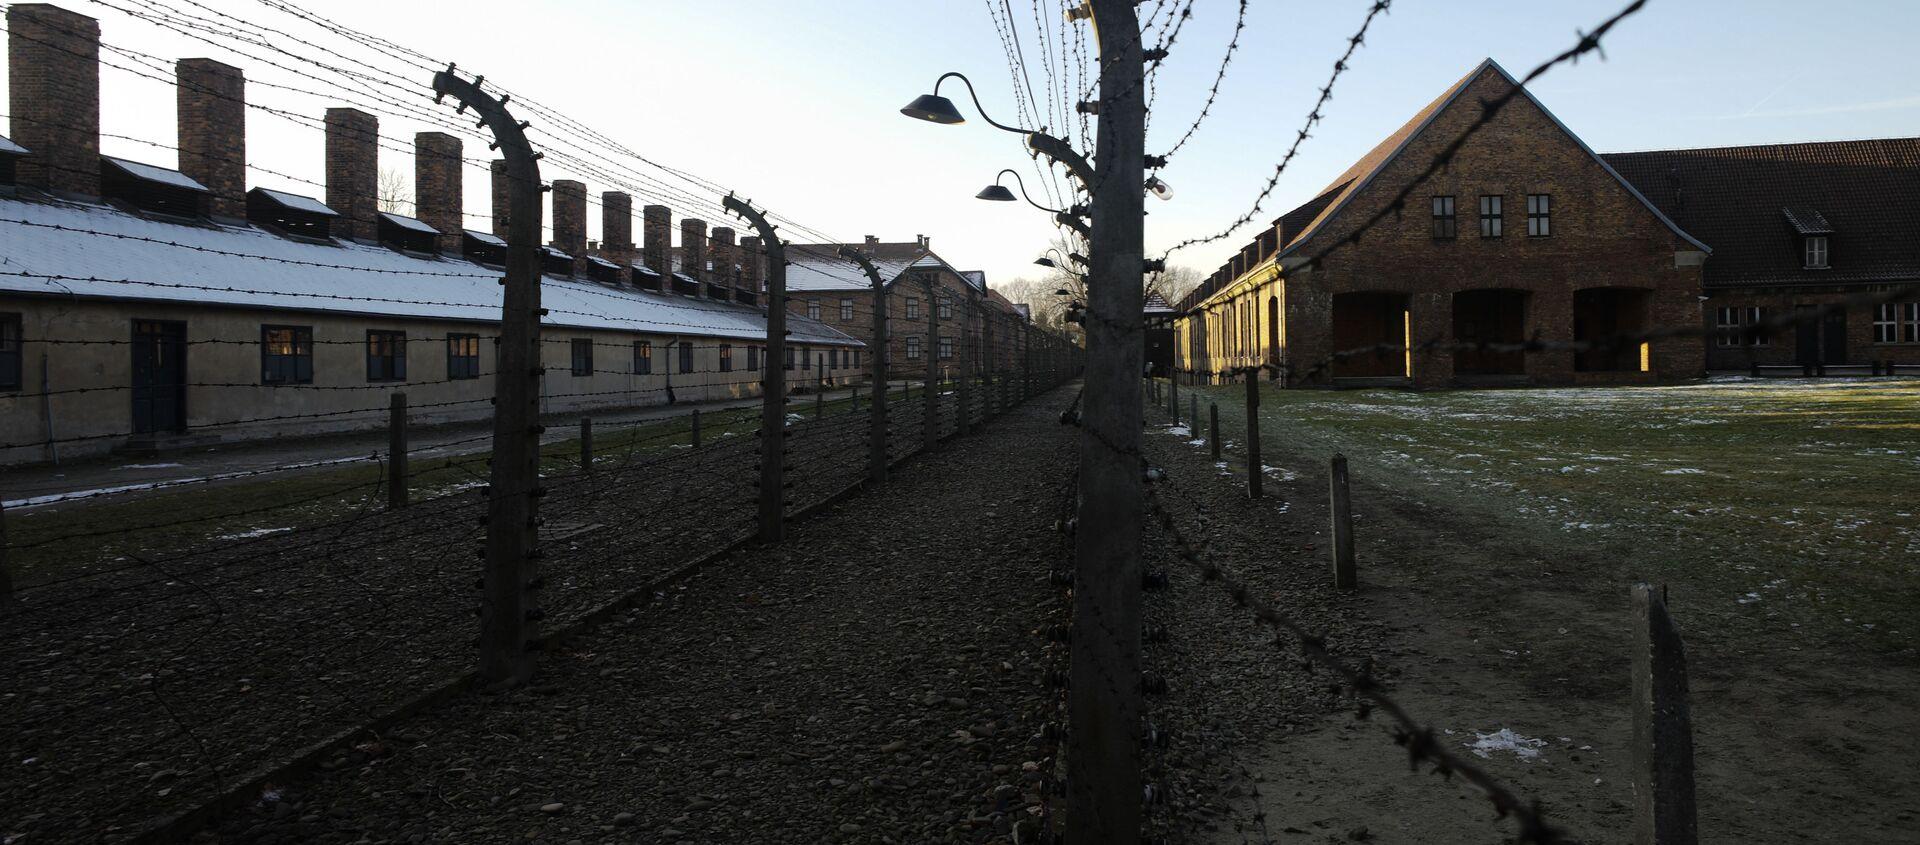 Angela Merkel po raz pierwszy odwiedziła obóz zagłady Auschwitz-Birkenau - Sputnik Polska, 1920, 17.04.2021